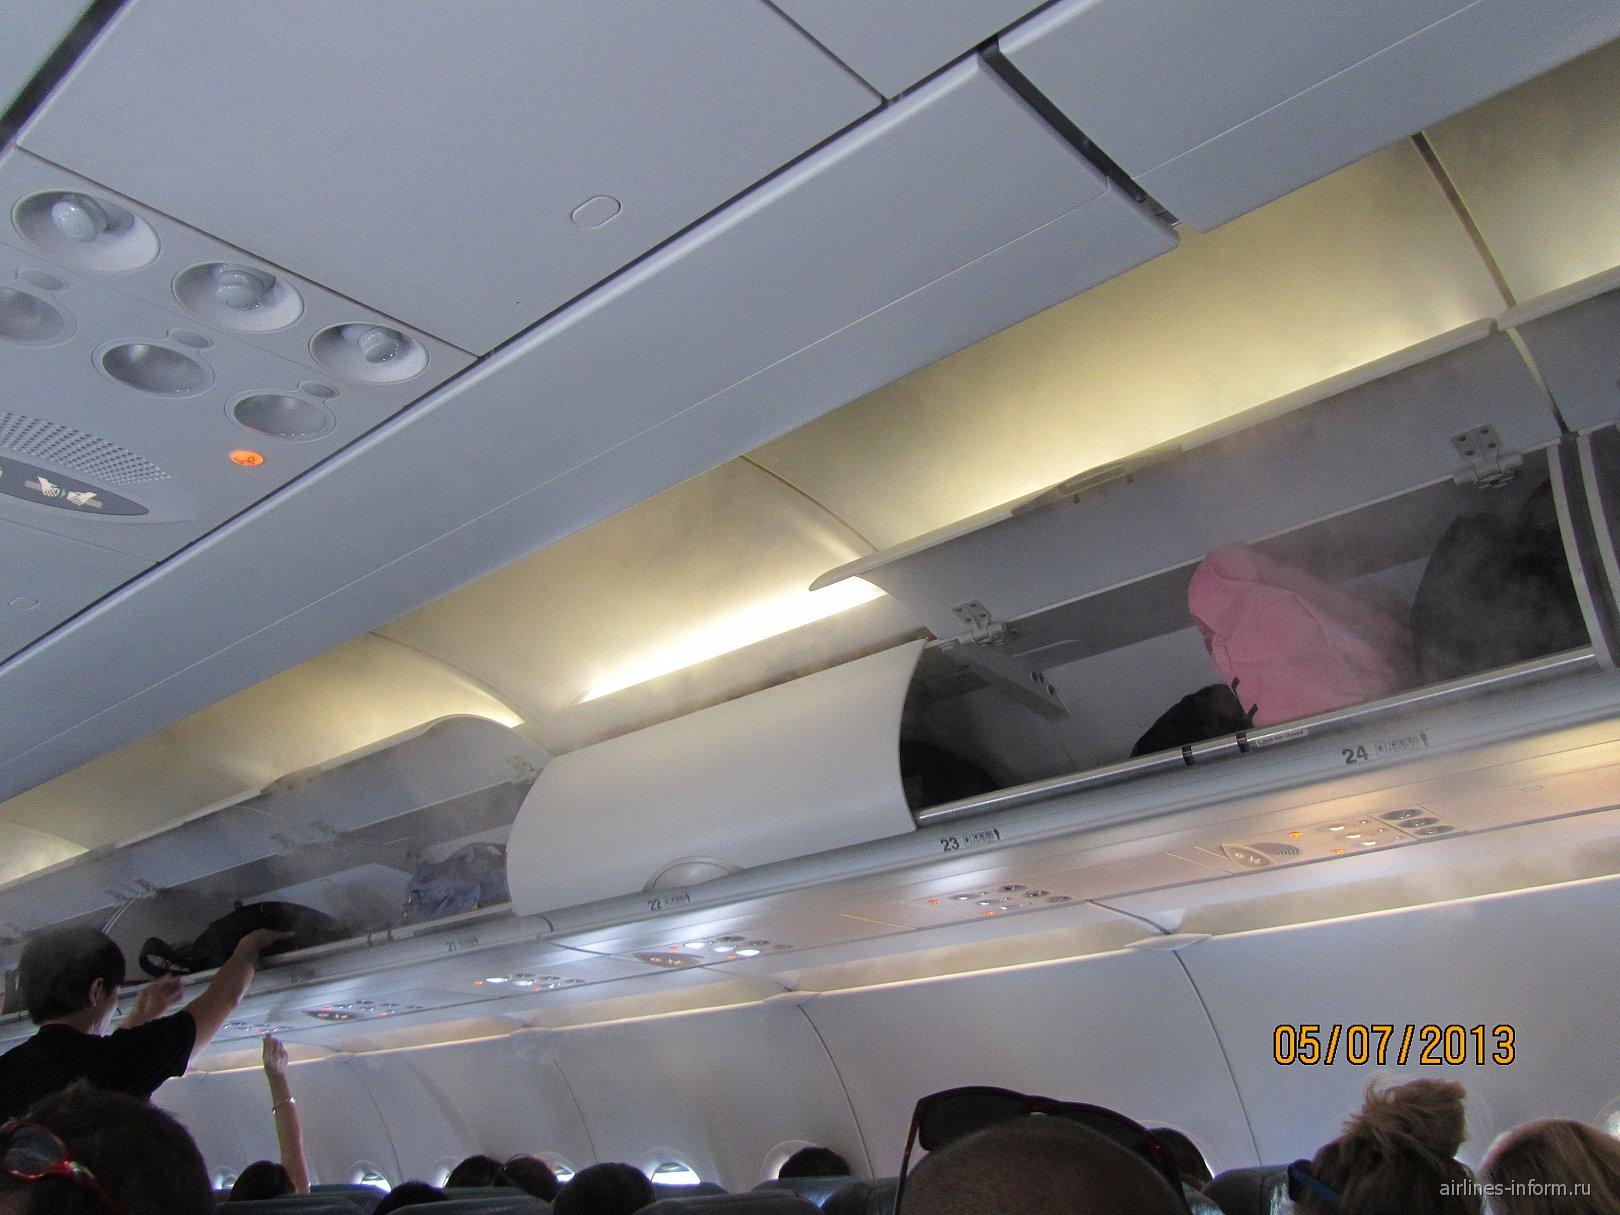 Салон самолета Airbus A320 авиакомпании Cebu Pacific Air